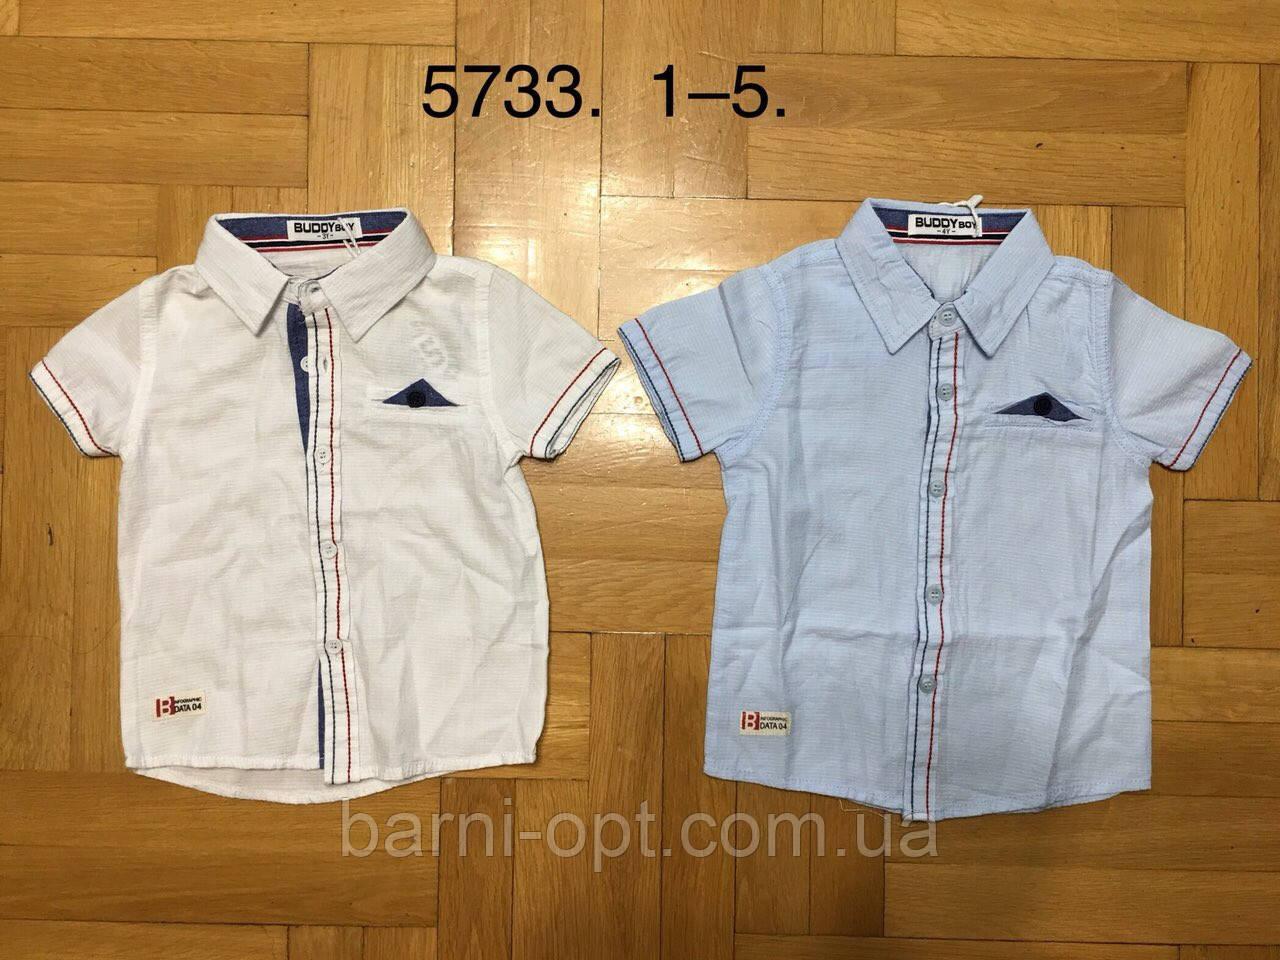 Сорочки на хлопчика оптом, Buddy boy , 1-5 рр